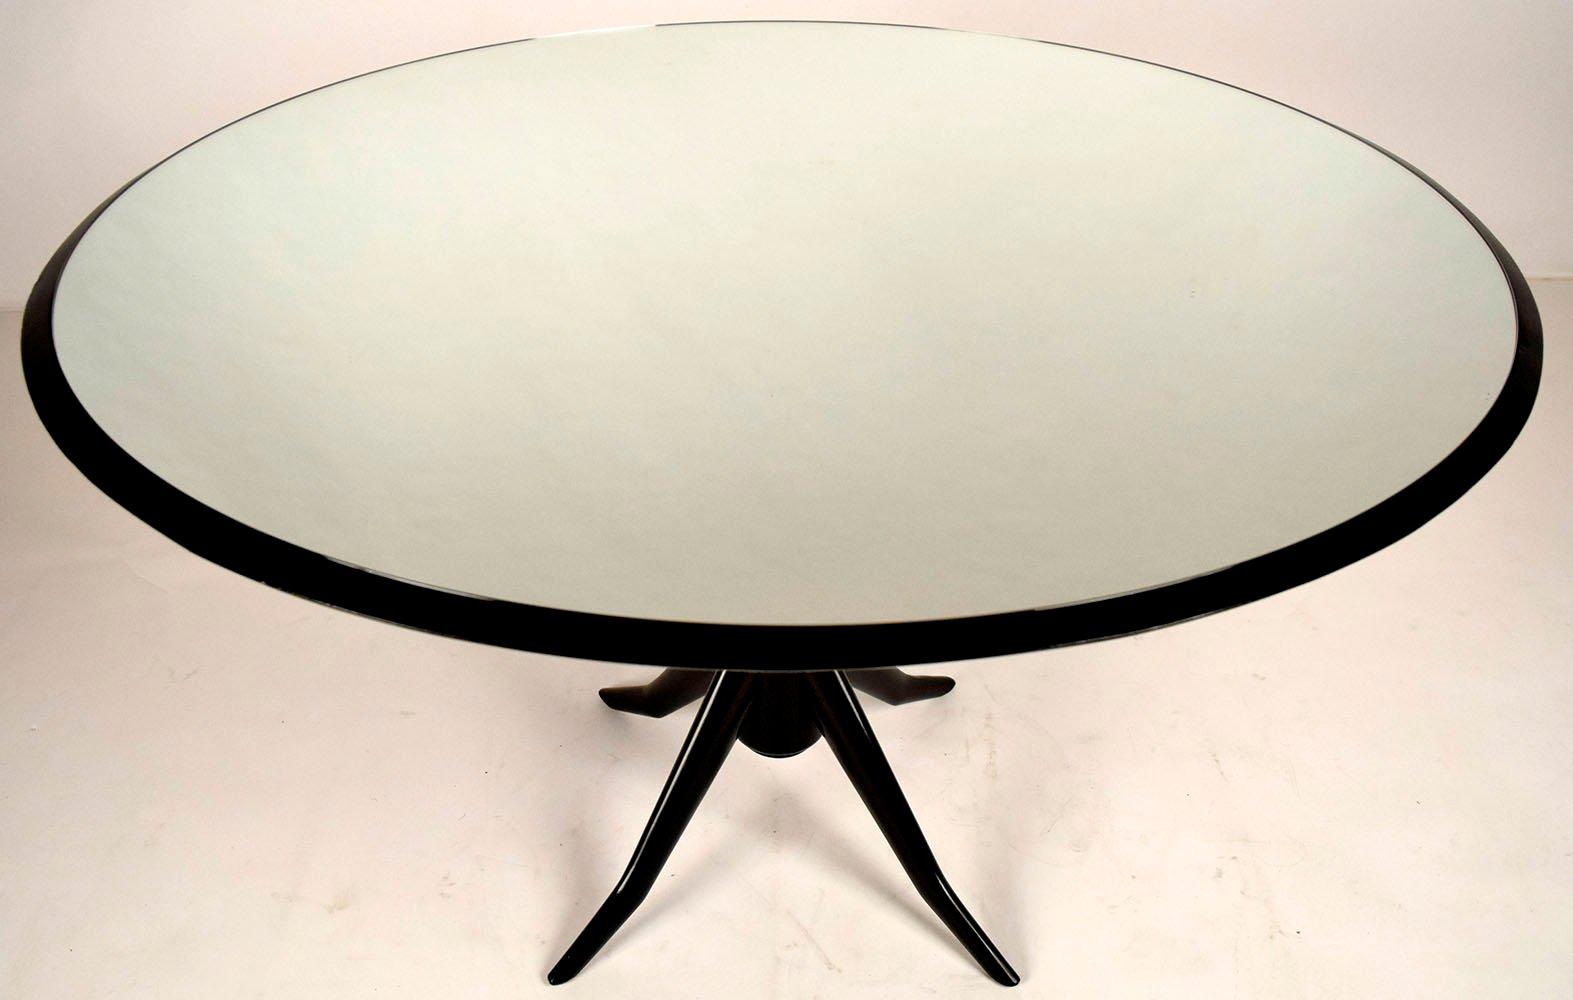 runder vintage esstisch mit verspiegelter tischplatte bei pamono kaufen. Black Bedroom Furniture Sets. Home Design Ideas